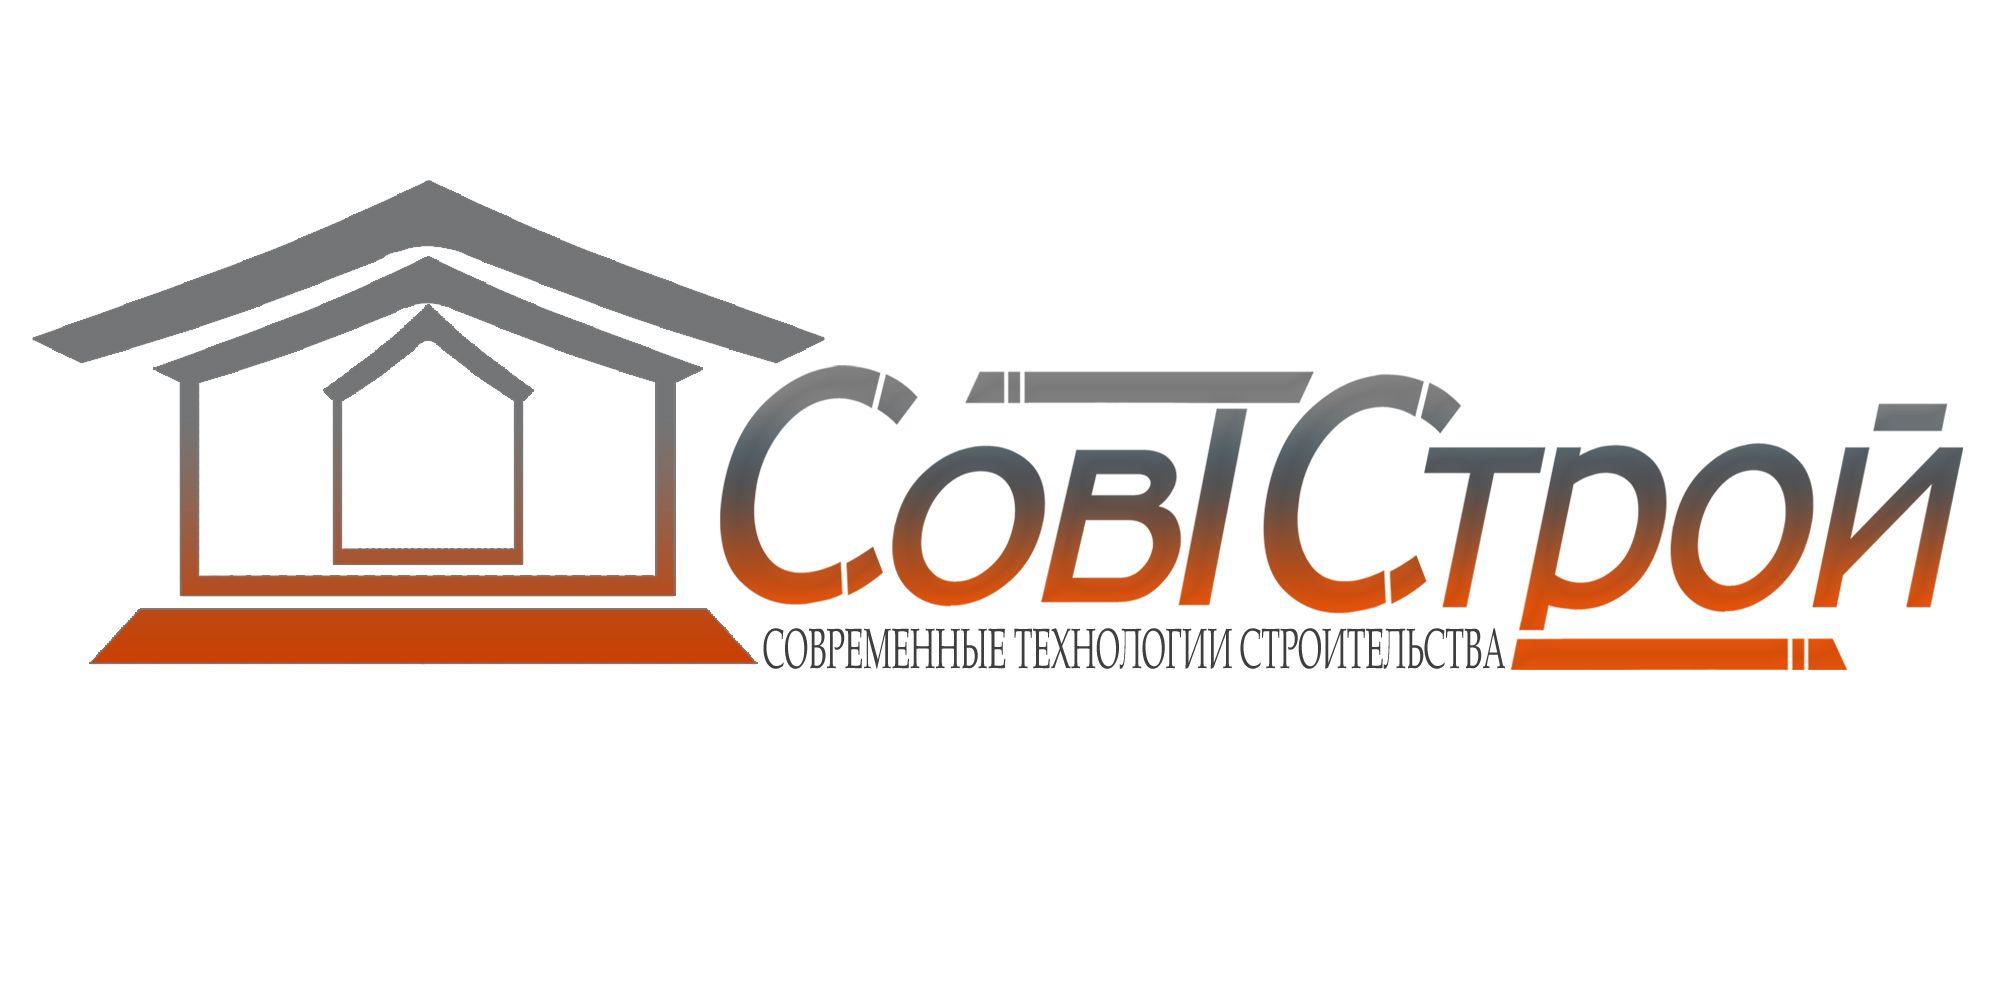 Логотип для поставщика строительных материалов - дизайнер Betcik